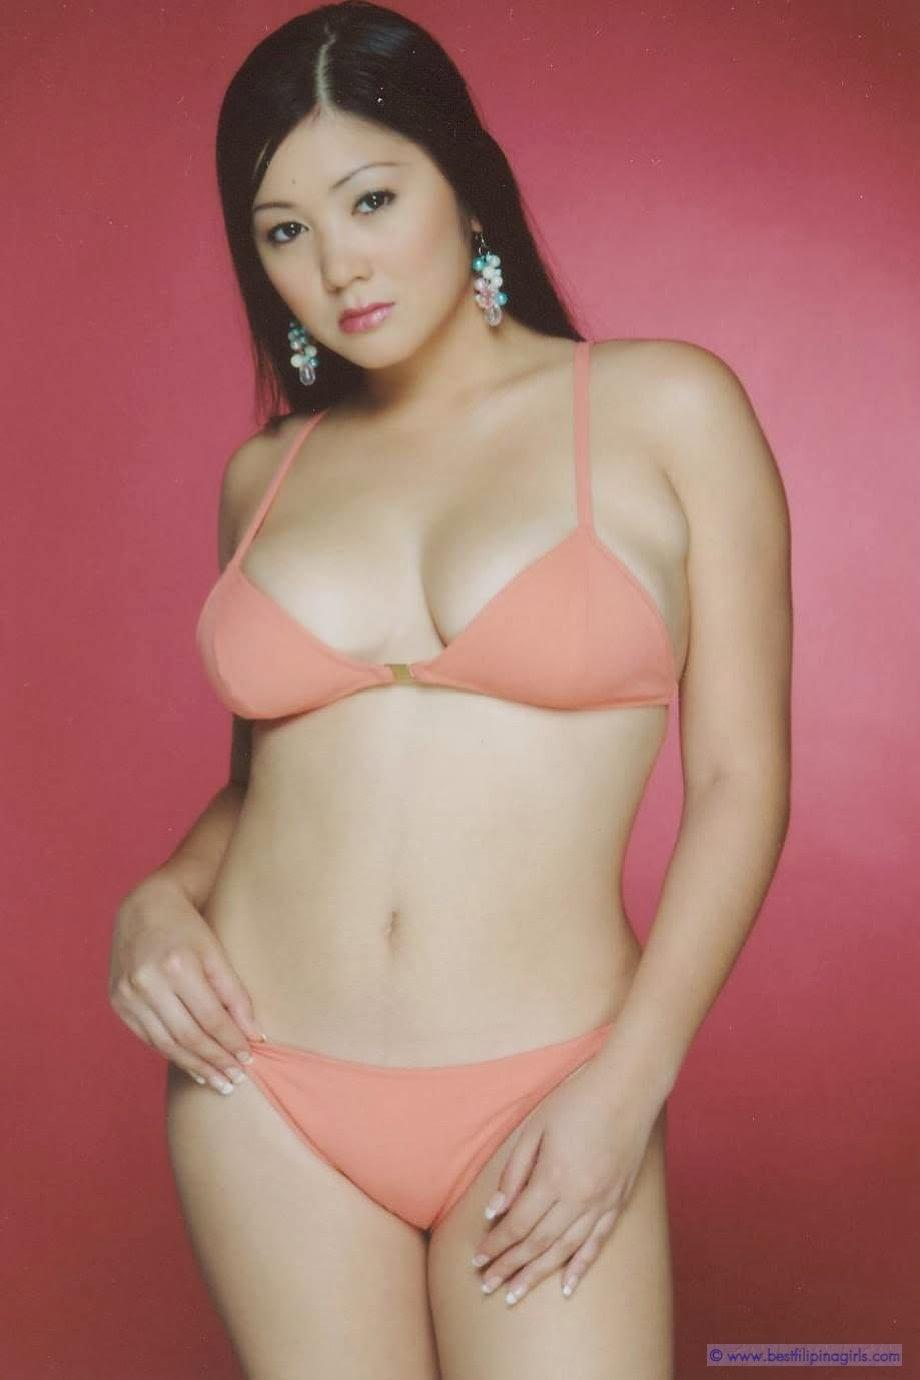 Sex scandal ng pinay-2977